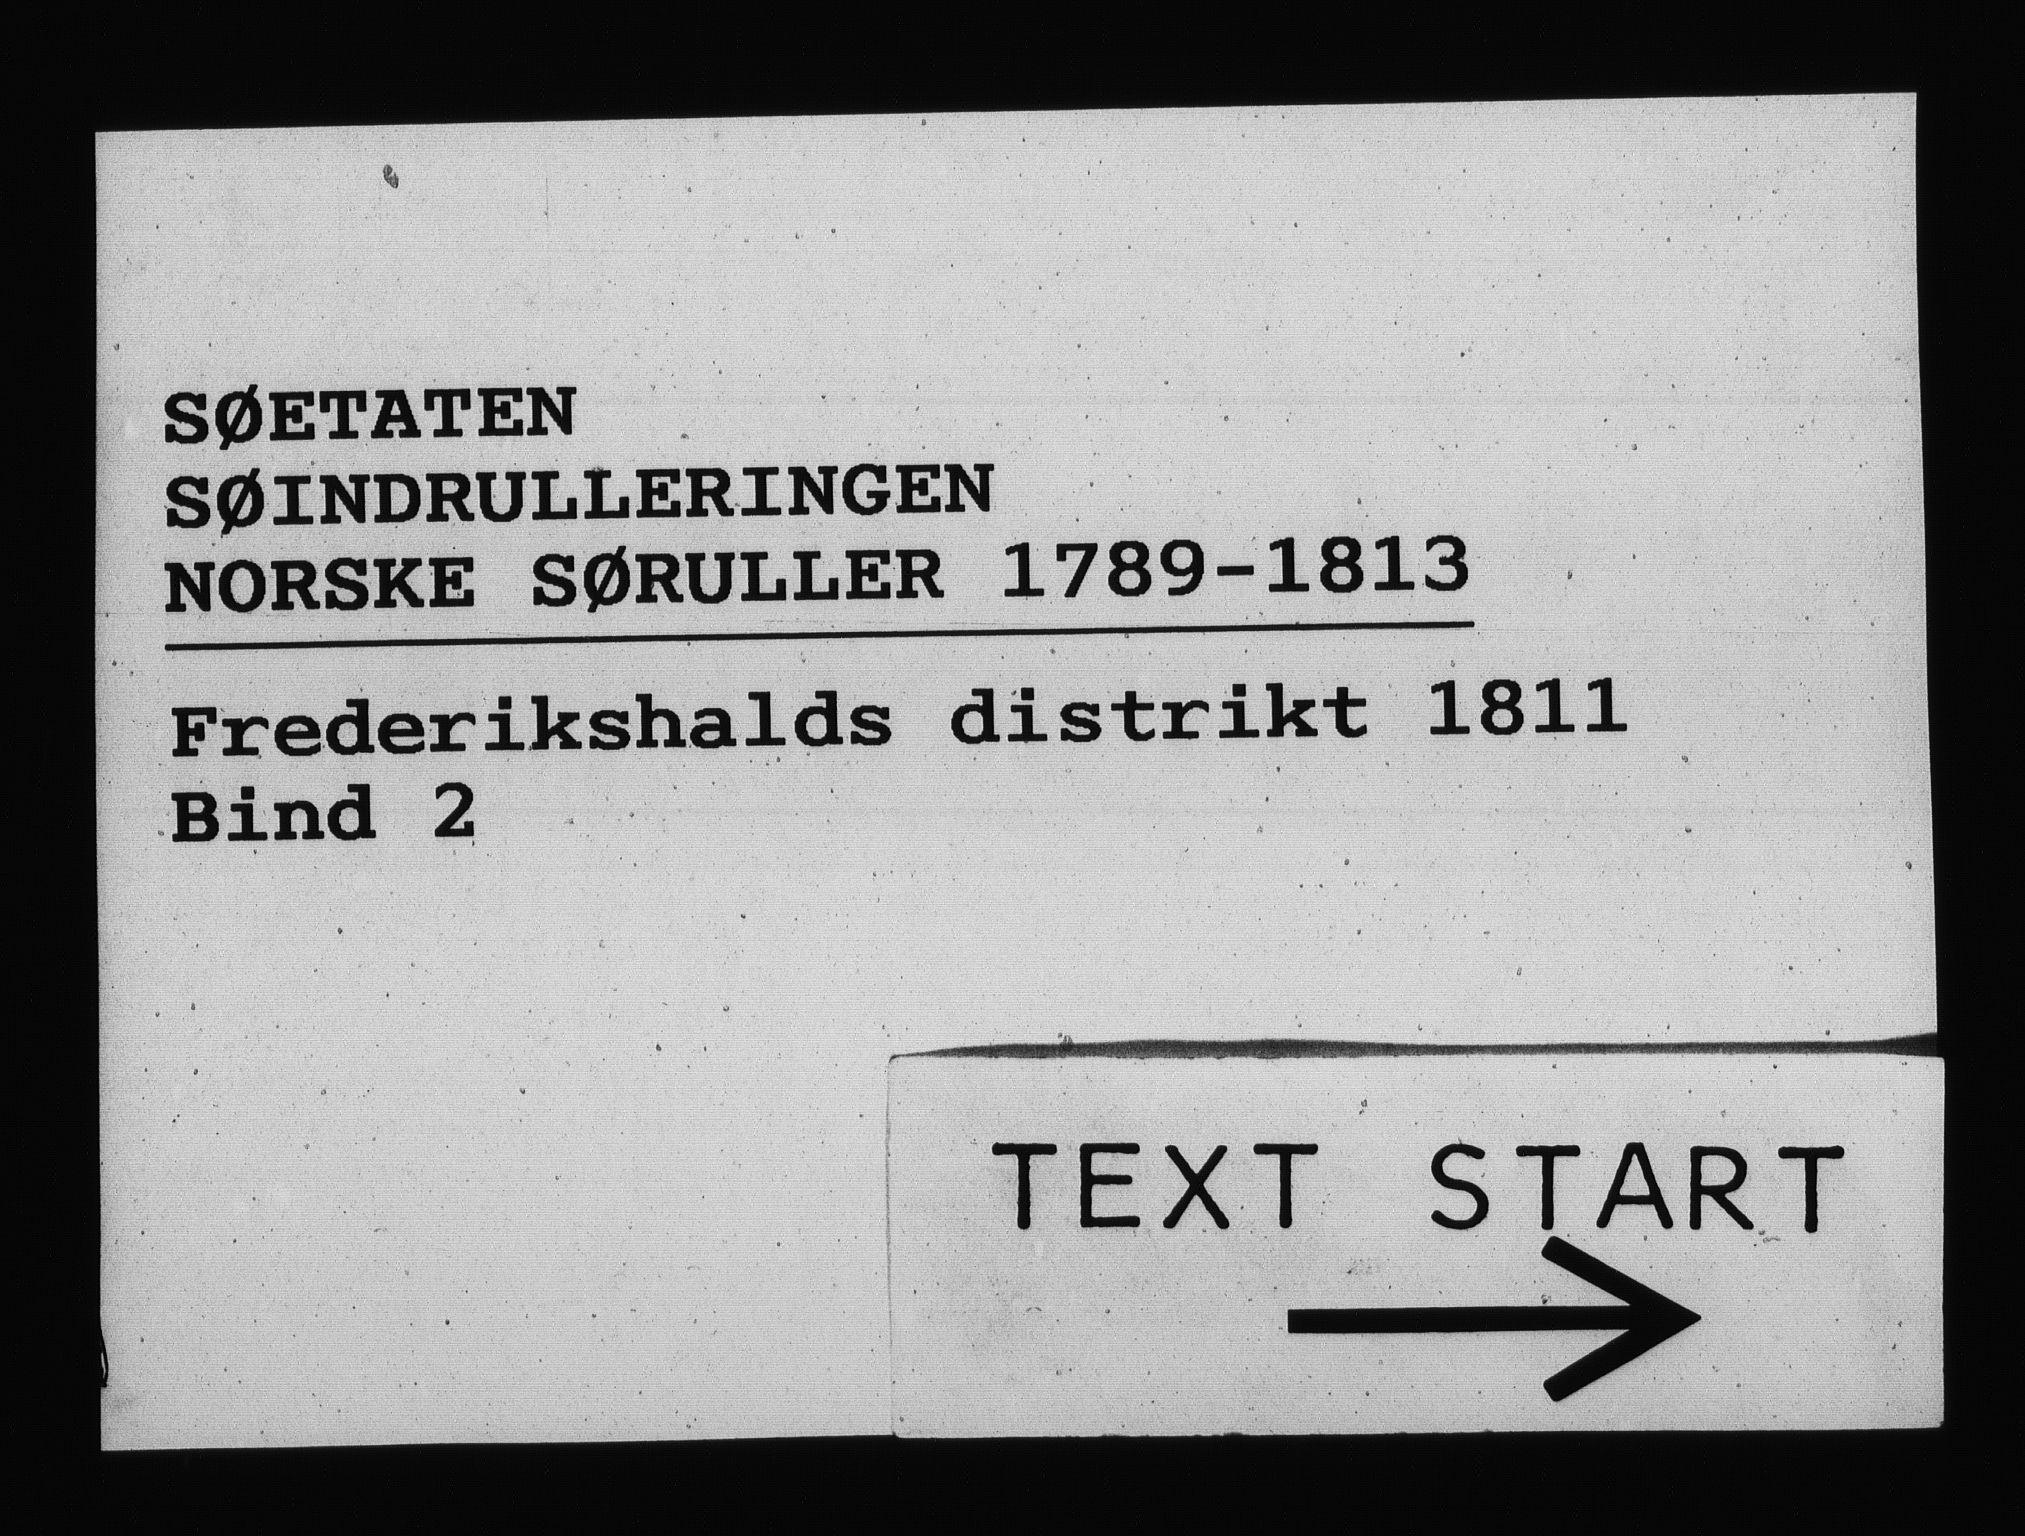 RA, Sjøetaten, F/L0205: Fredrikshalds distrikt, bind 2, 1811